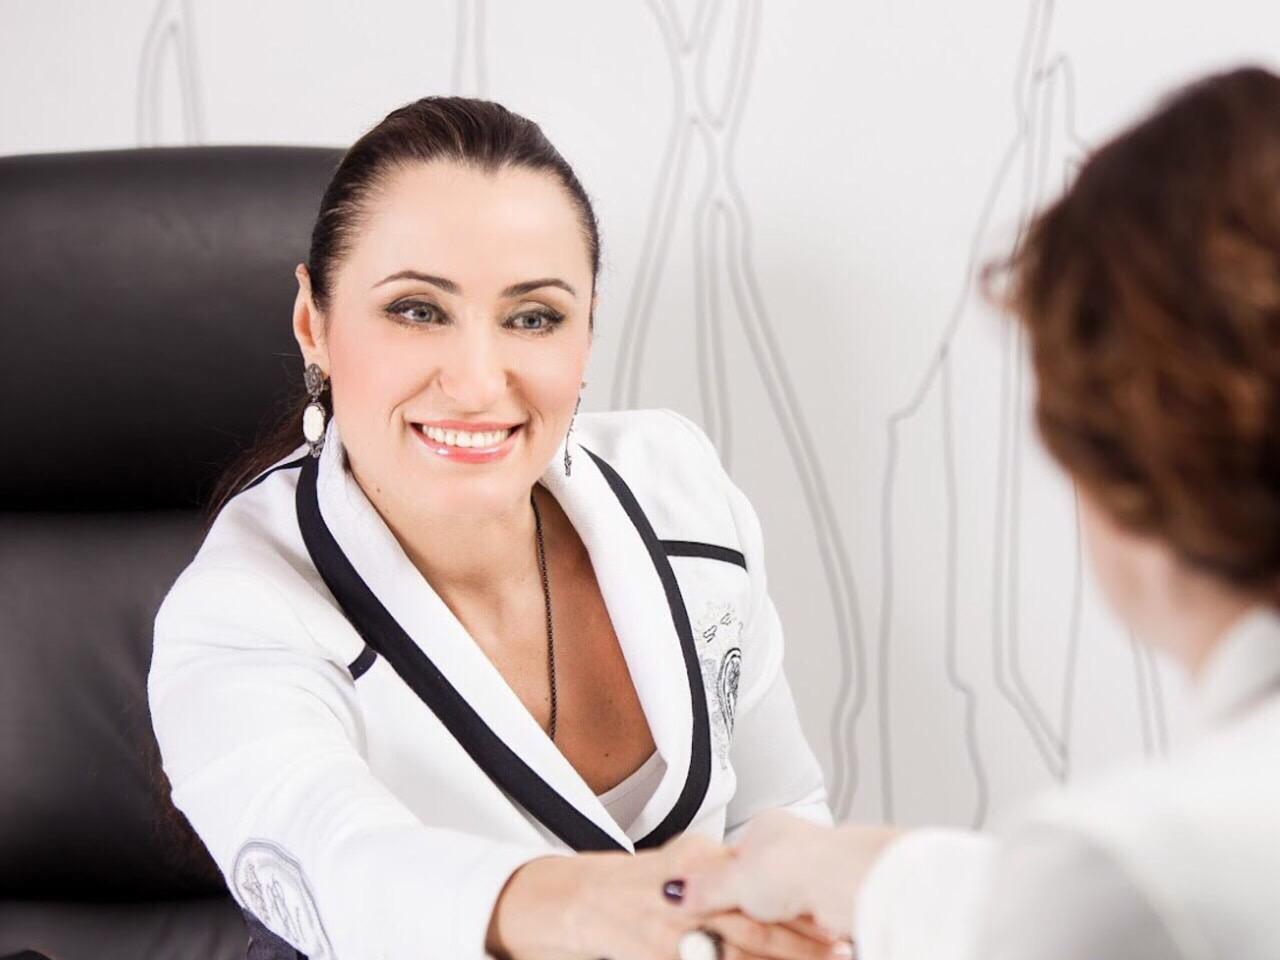 a5bb9a62dc697a Про здоровий глузд та конкретні кроки у постановці власних цілей дізнаємось  з розмови з лікарем, сертифікованим персональним мотиваційним коучем Іриною  ...